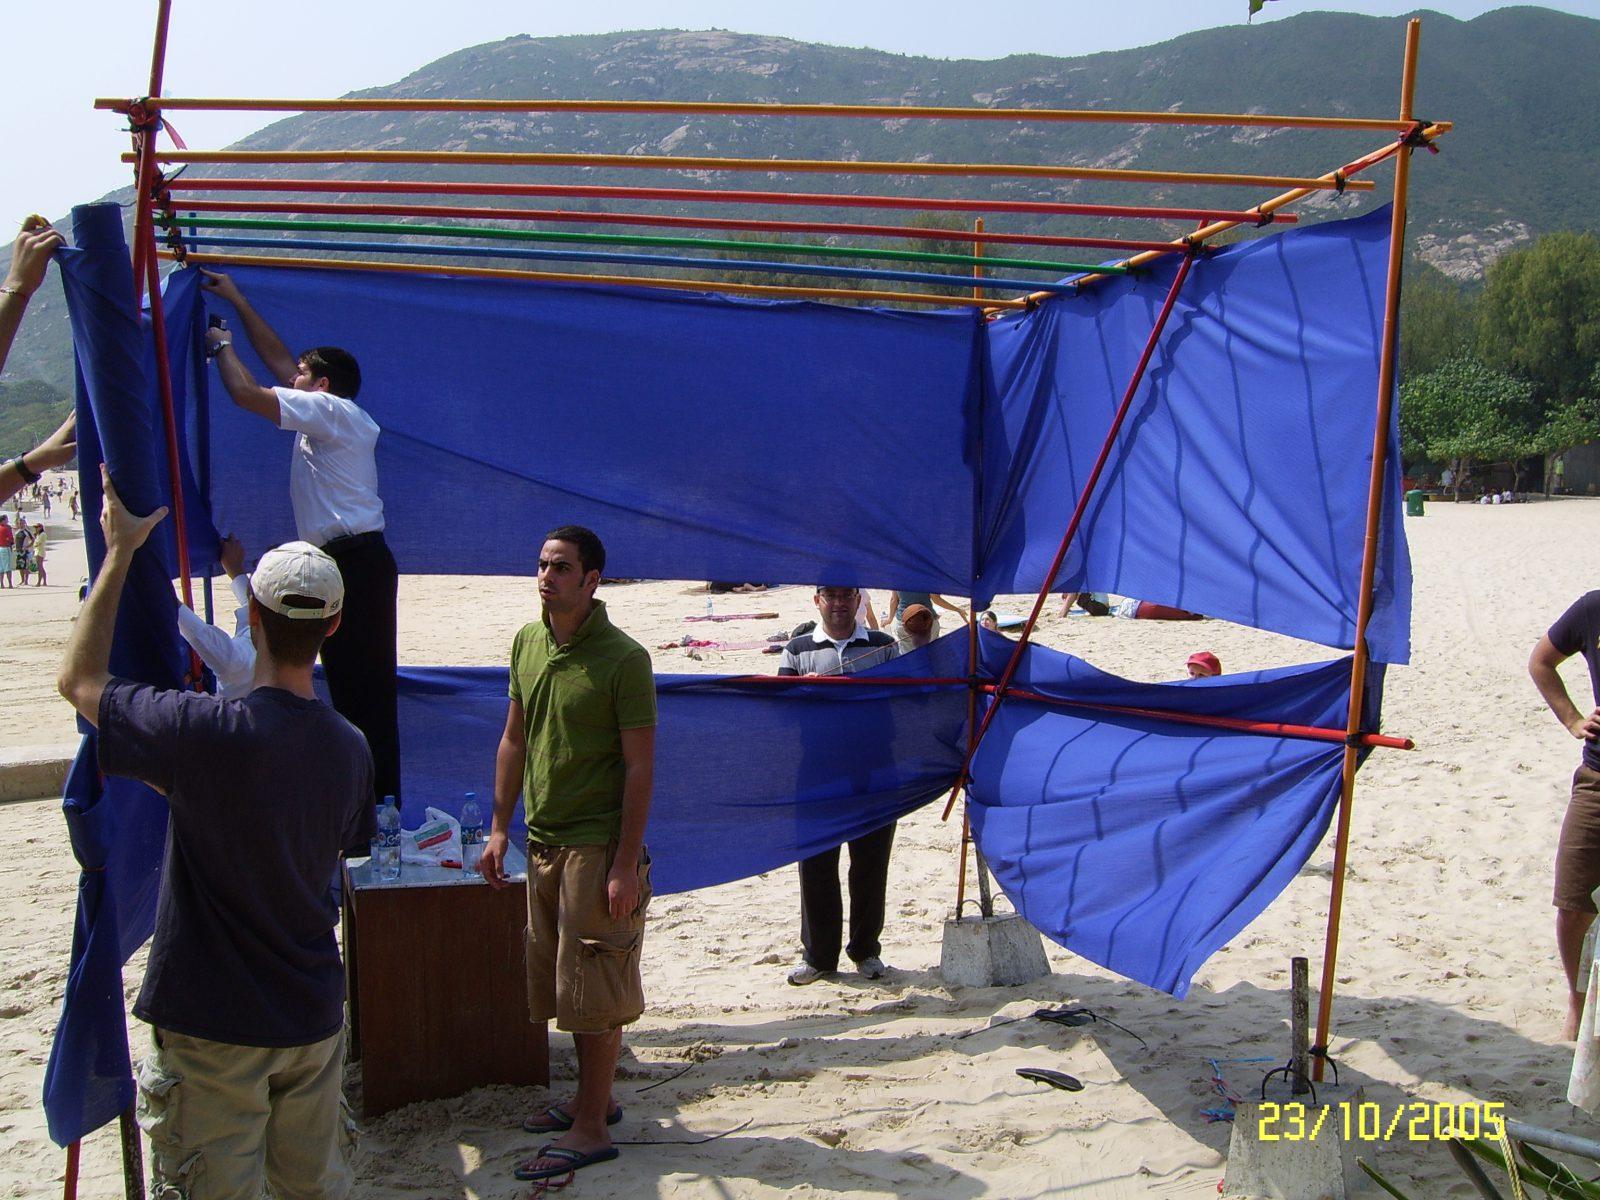 חברי הקהילה היהודית בבניית סוכה על חוף הים